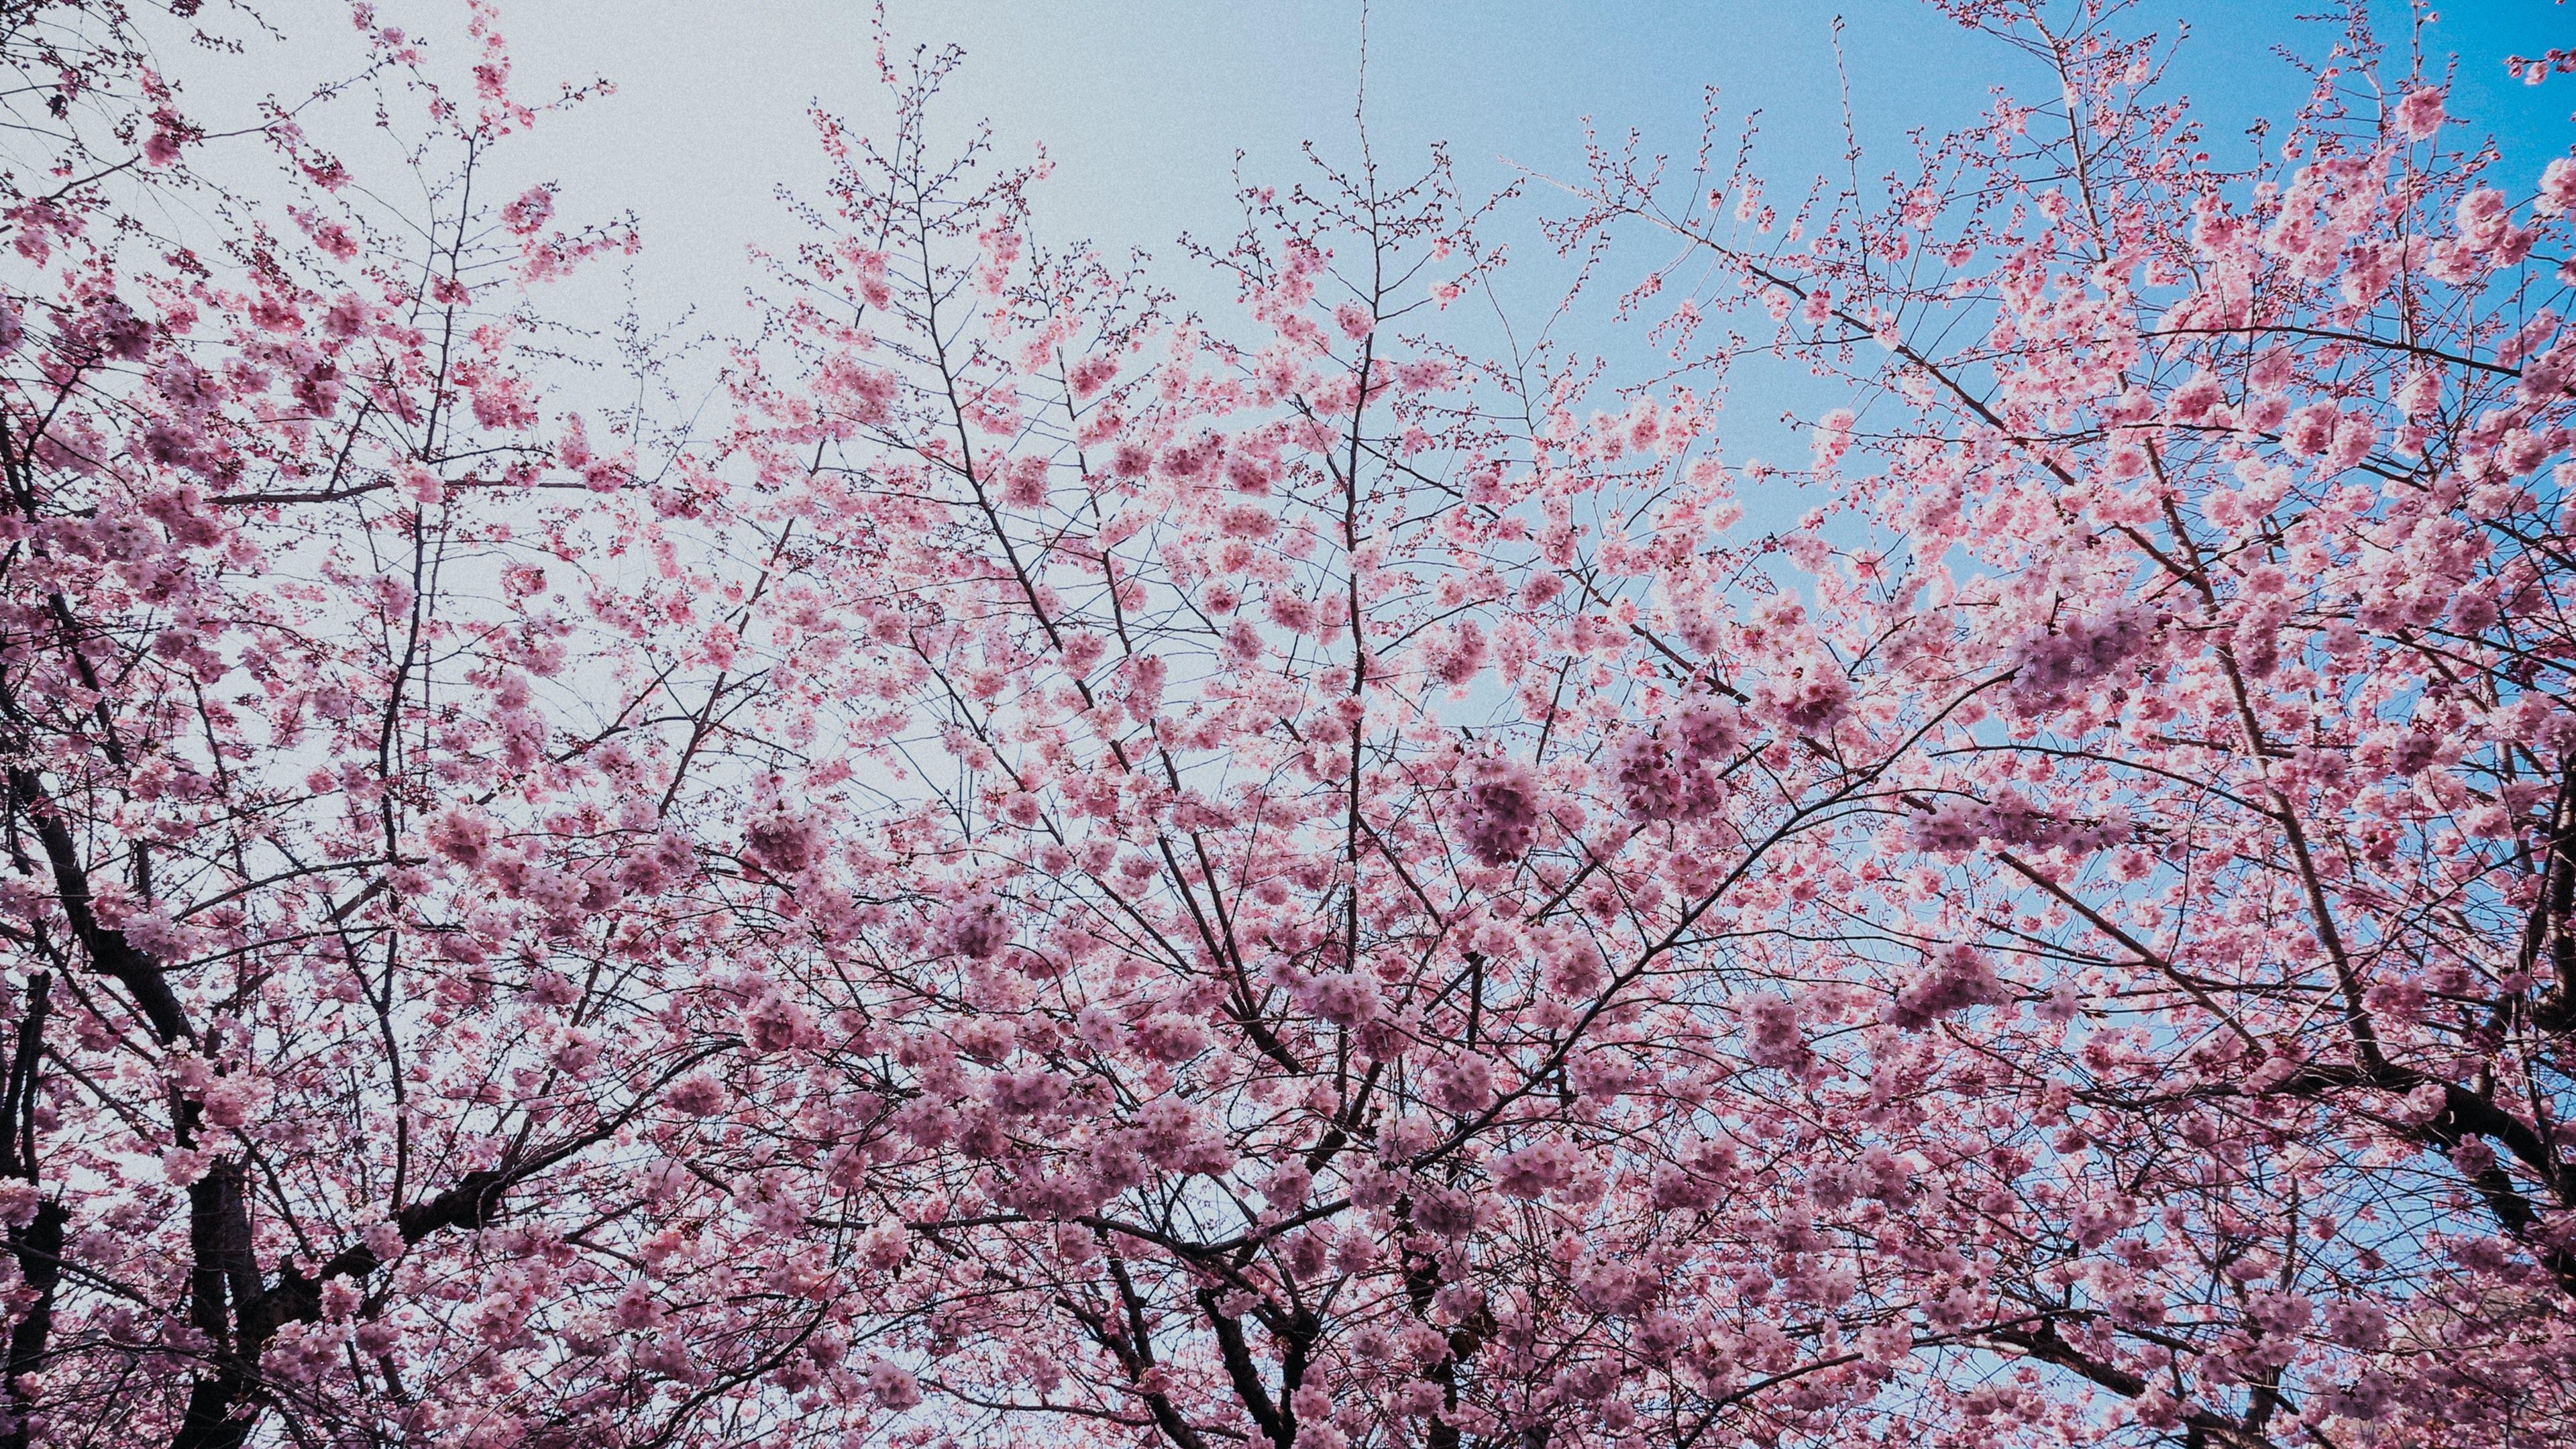 Hình nền hoa anh đào cực đẹp